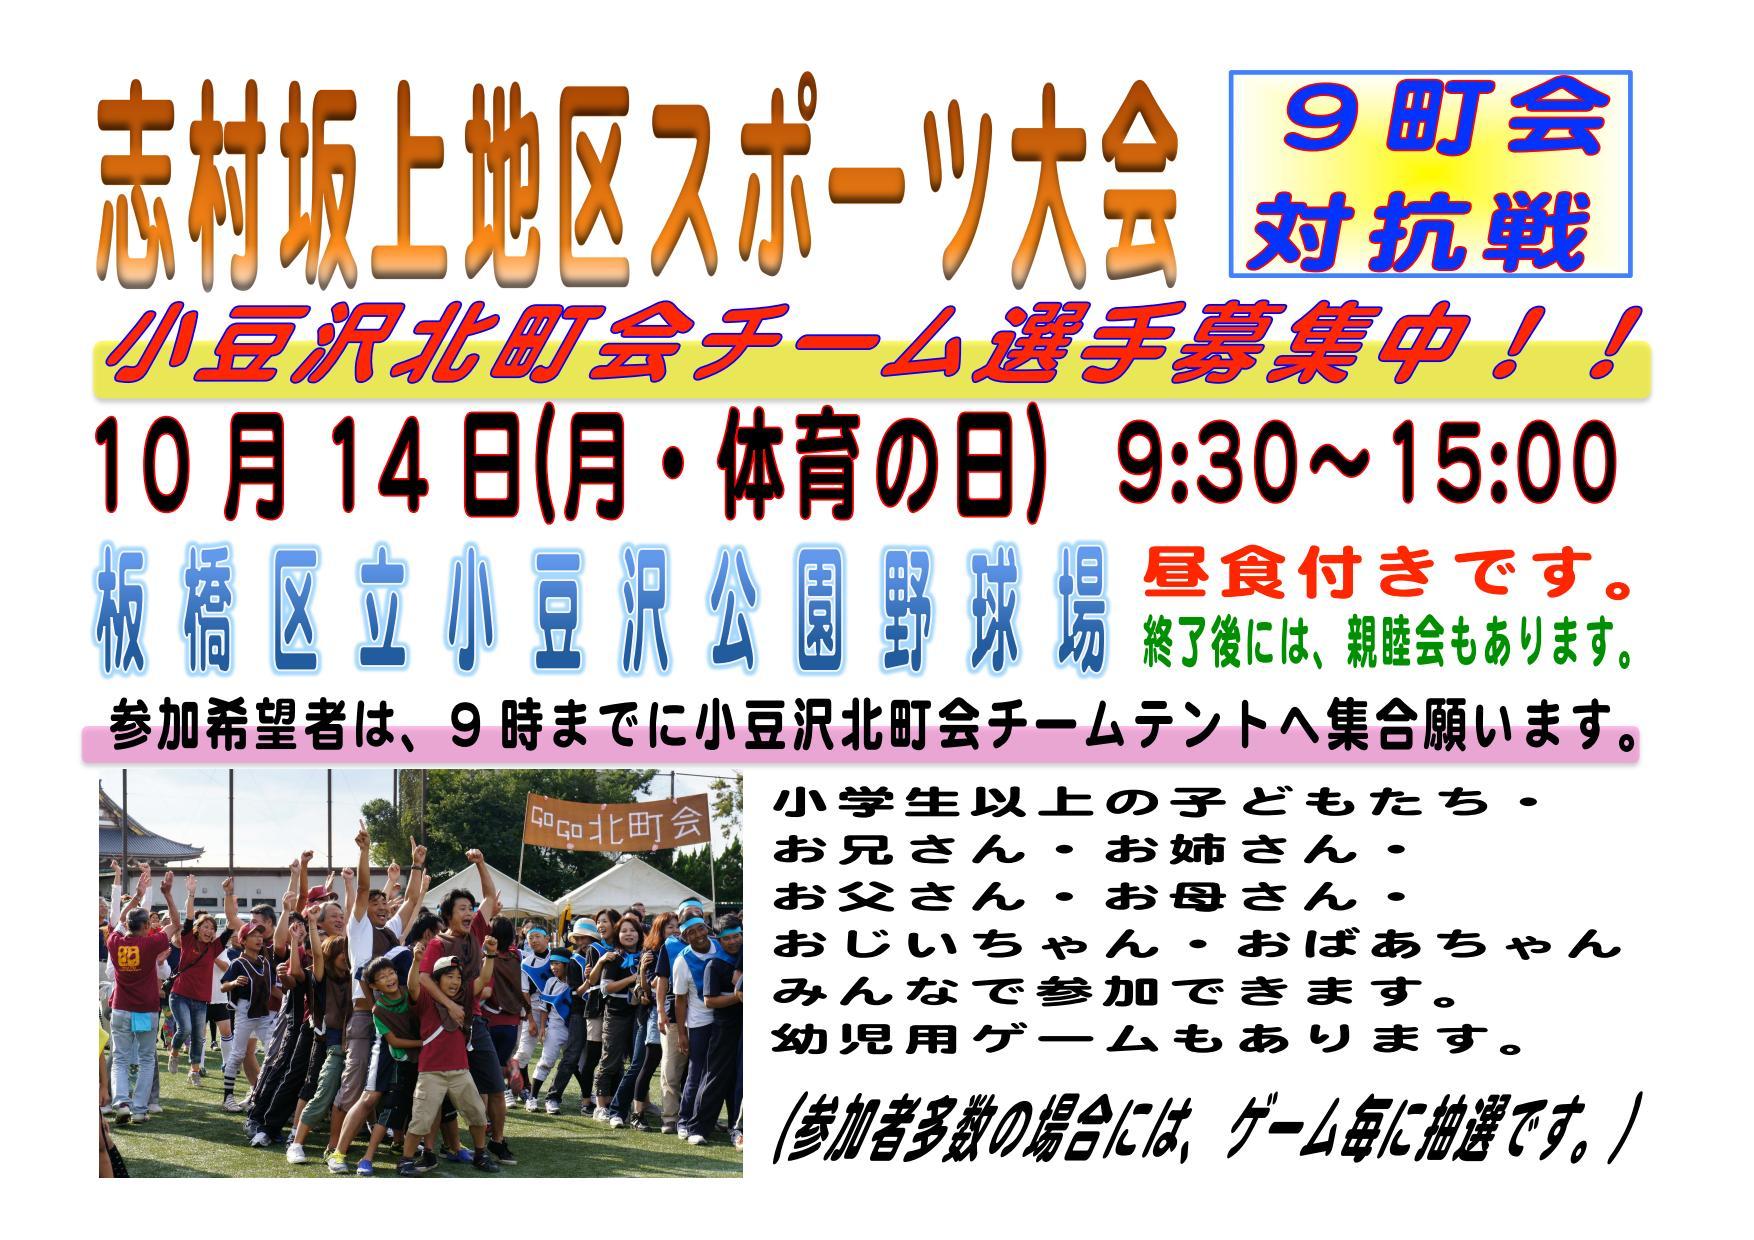 20131014_スポーツ大会ポスター